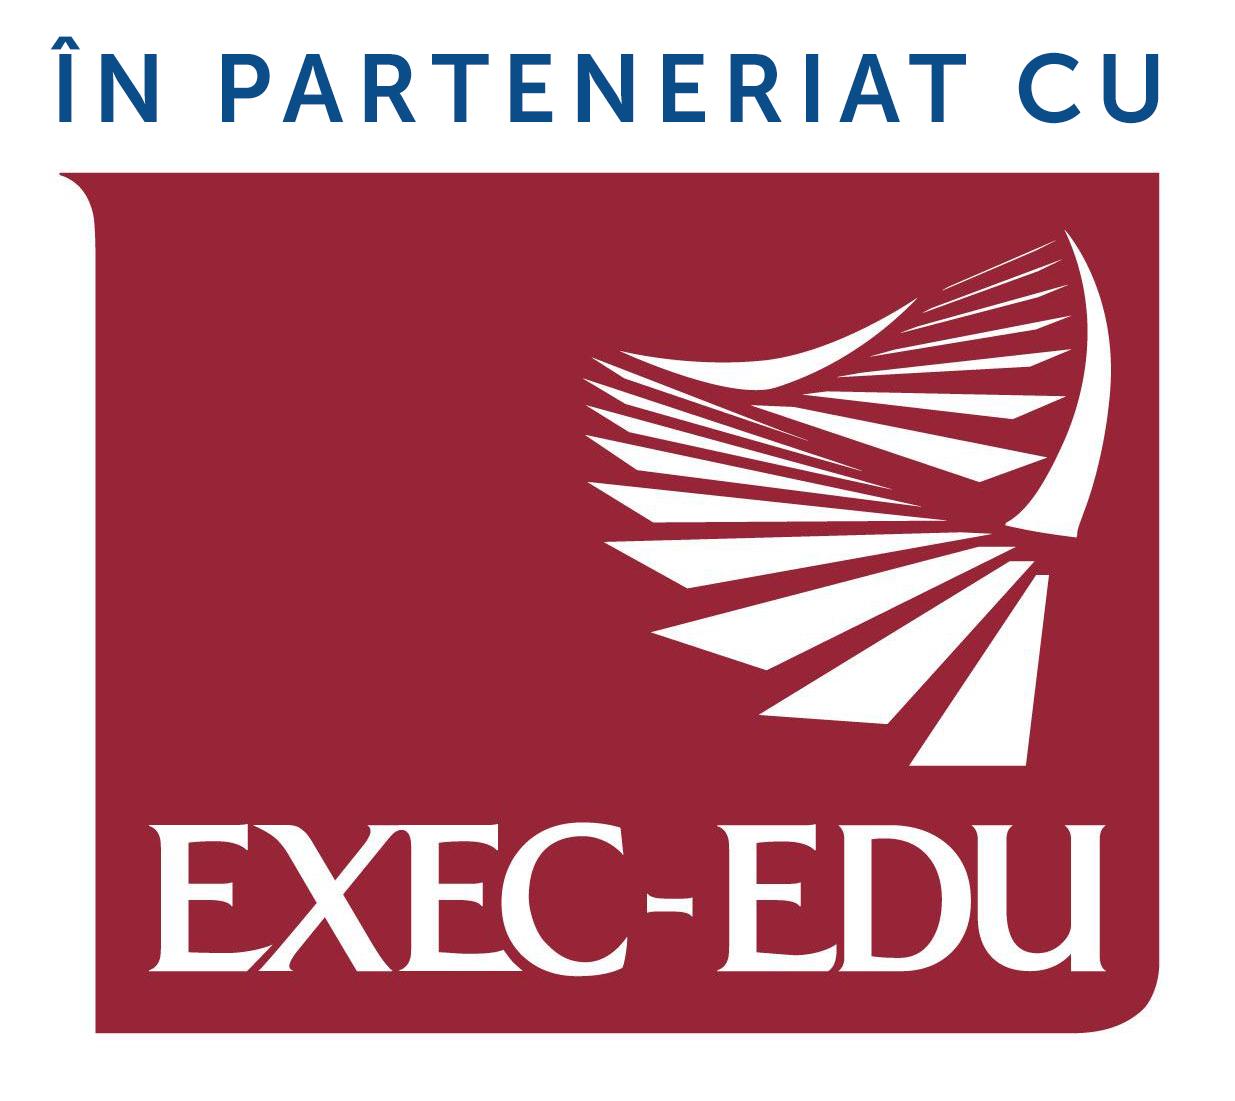 Exec-Edu parteneriat.png